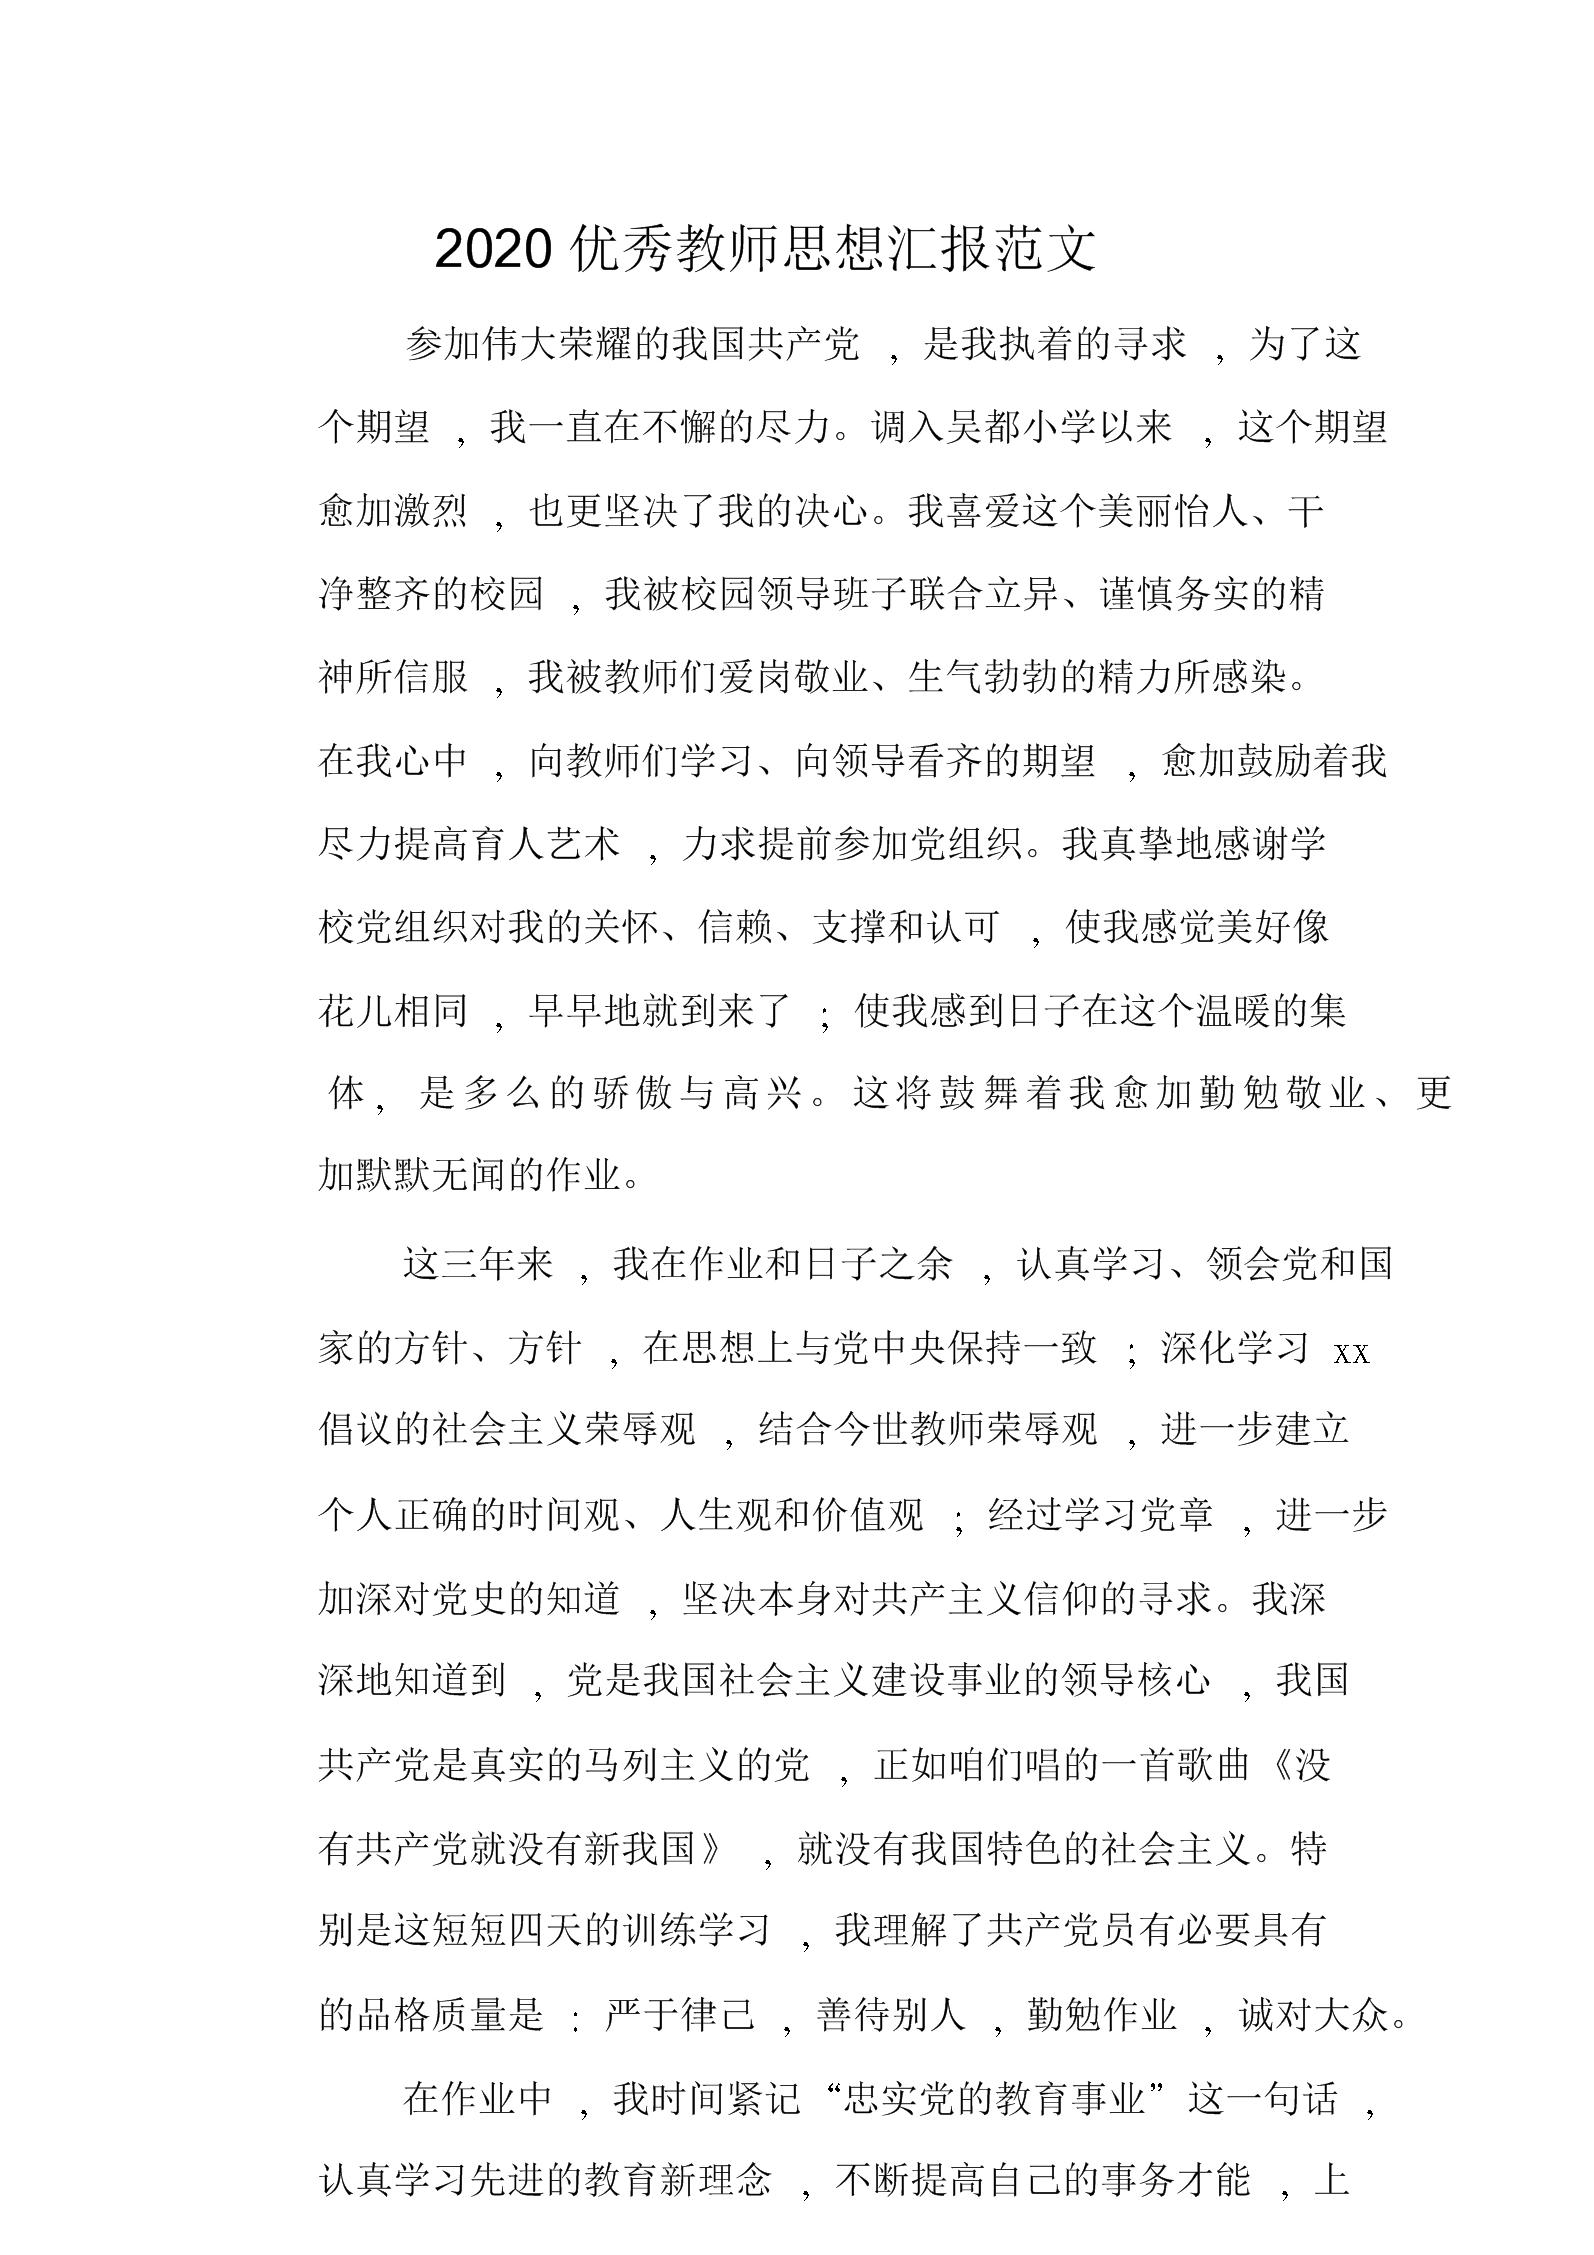 2020优秀教师思想汇报范文文本.doc